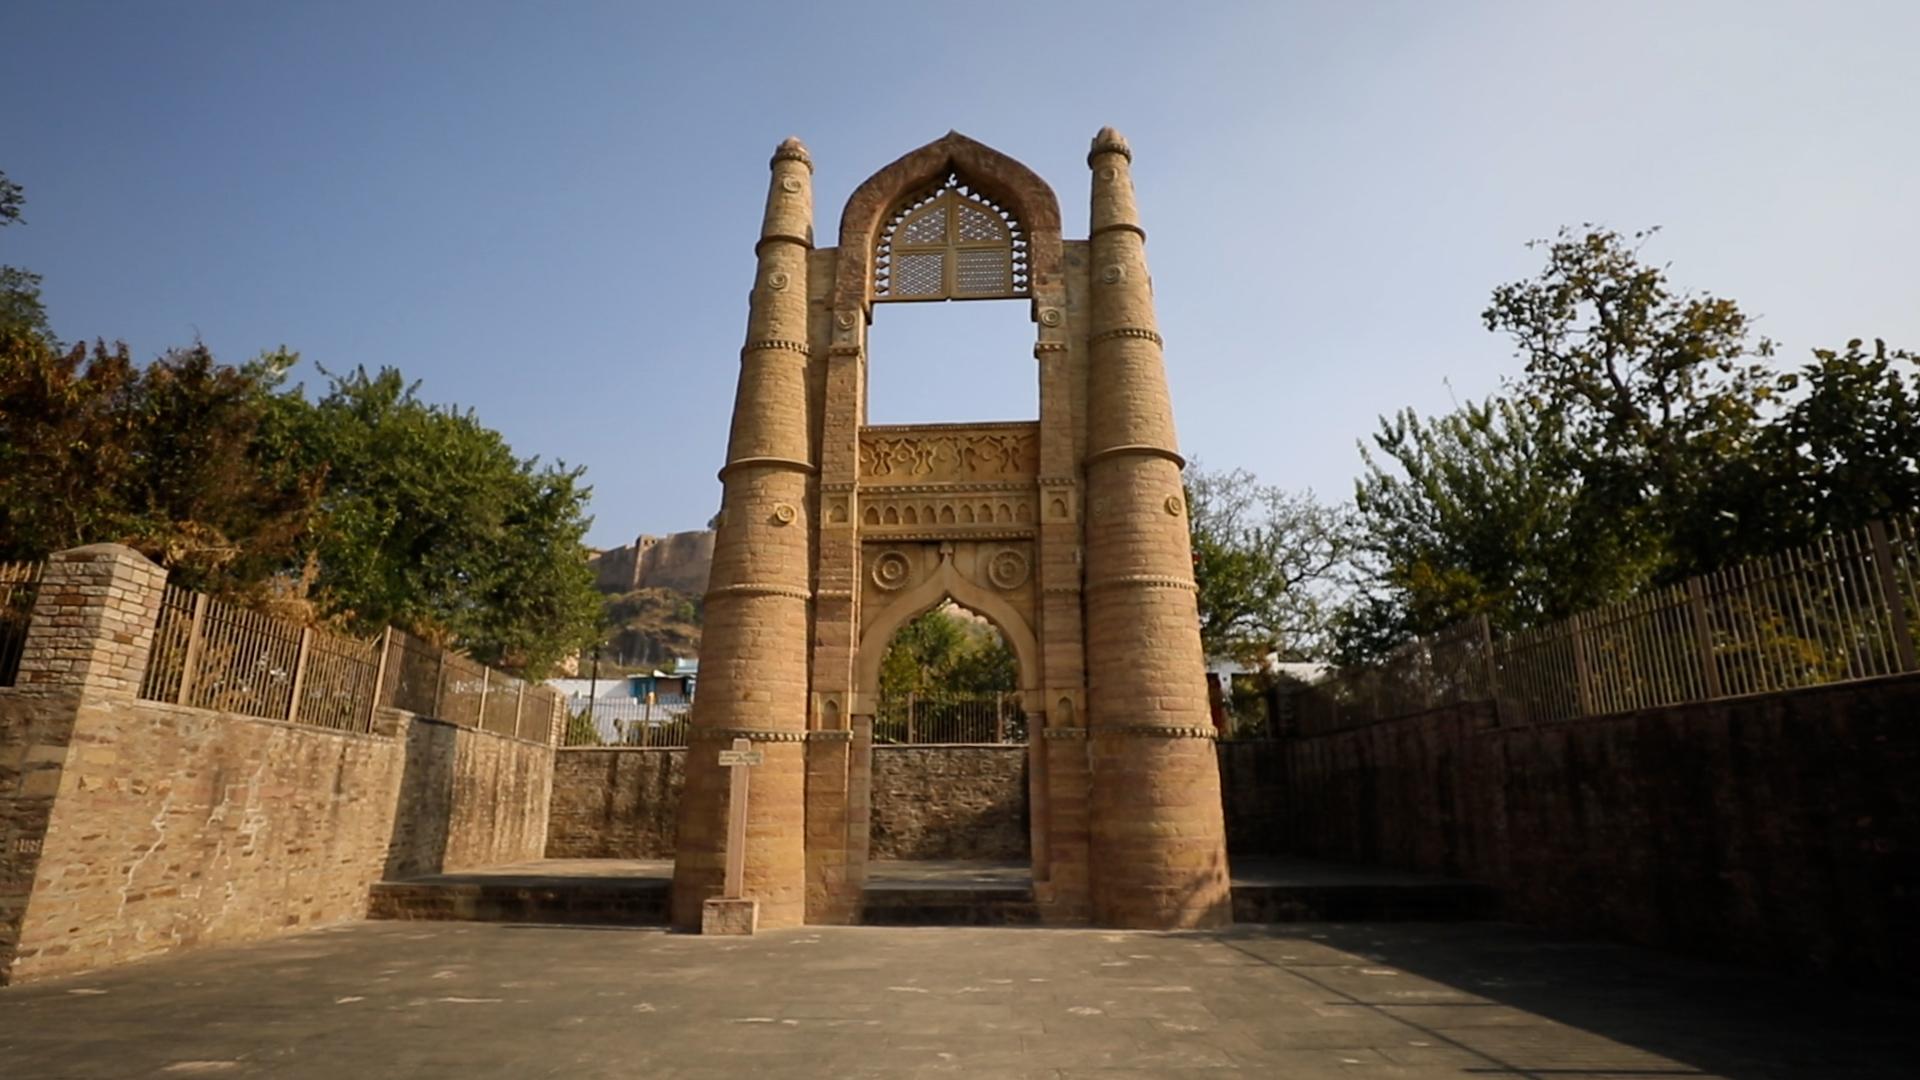 बादल महल दरवाज़ा: चंदेरी की शान का प्रतीक